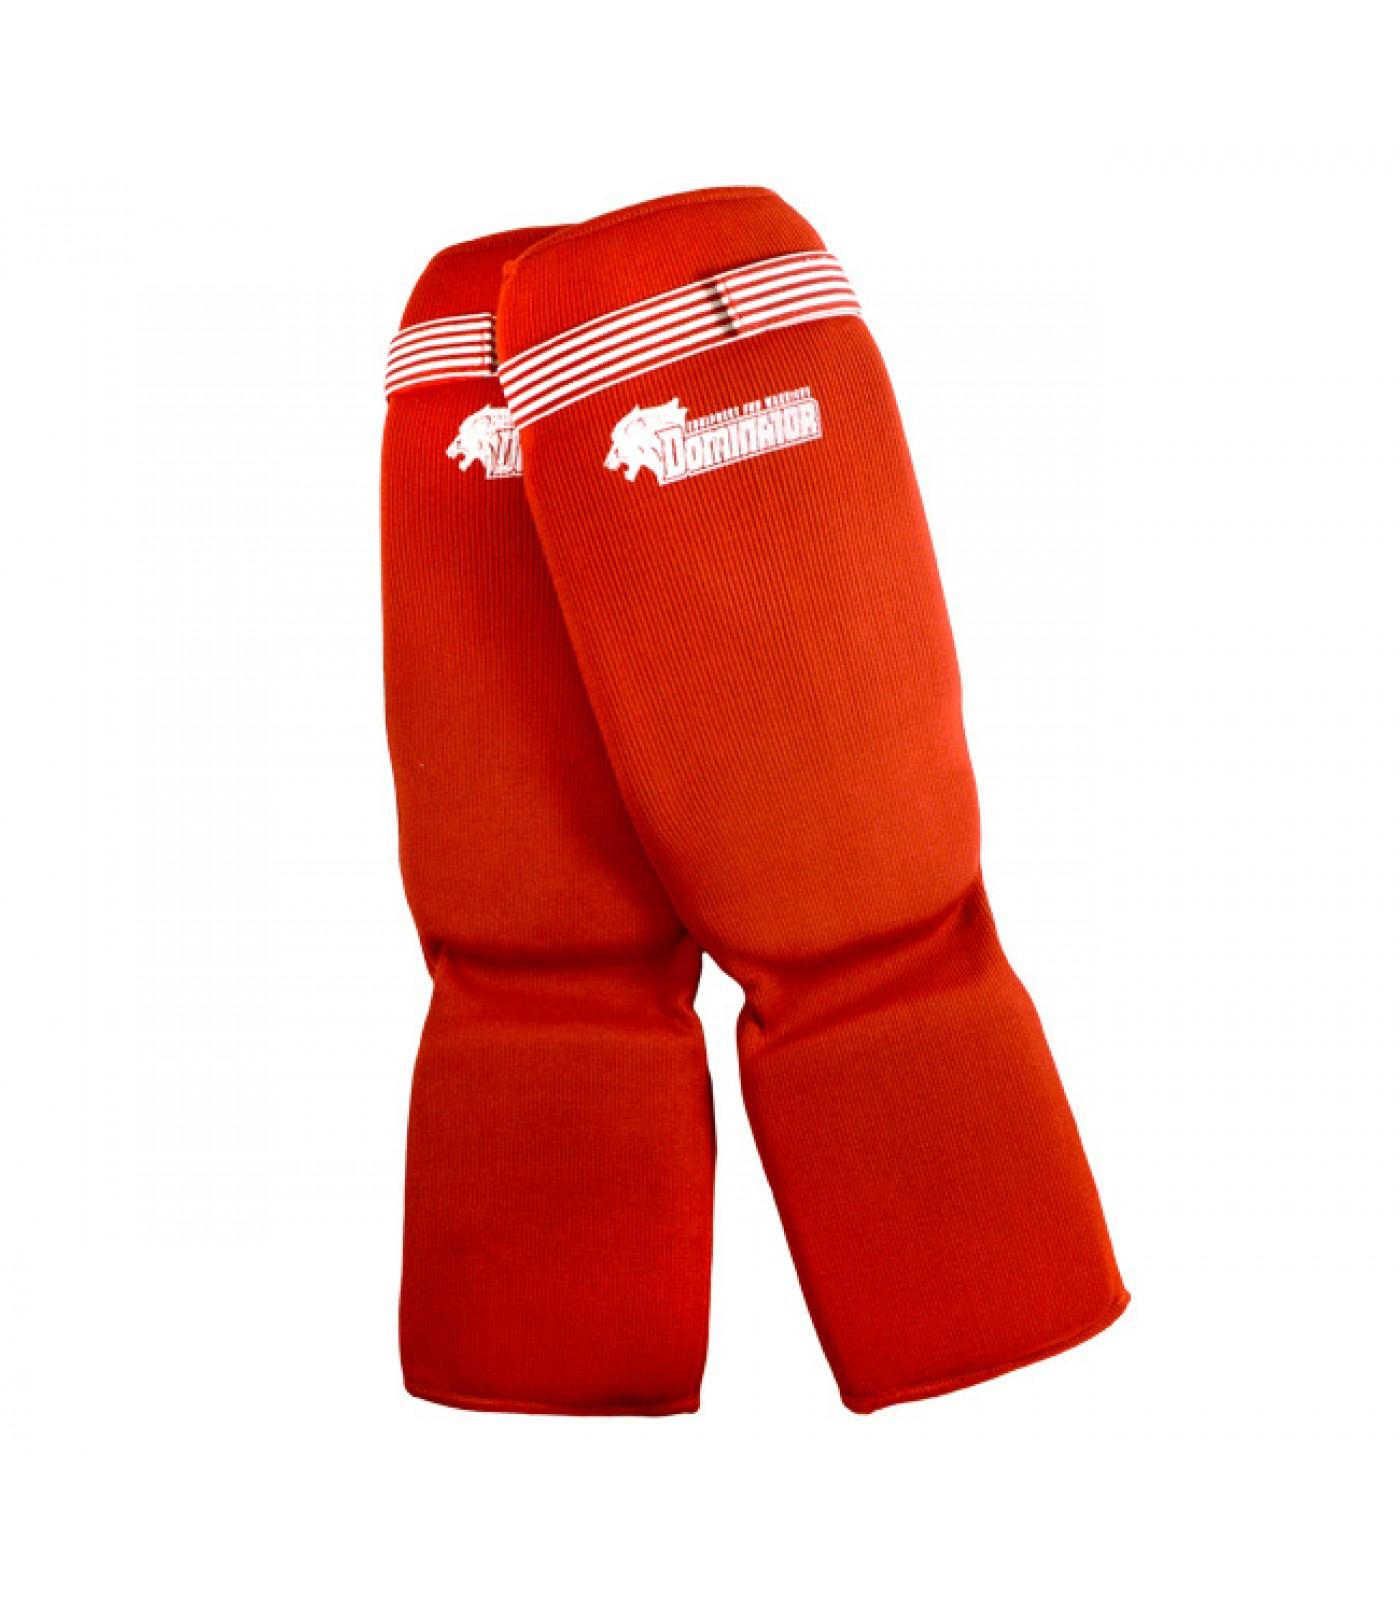 Dominator - Протектор за крака (Памучни / червени)